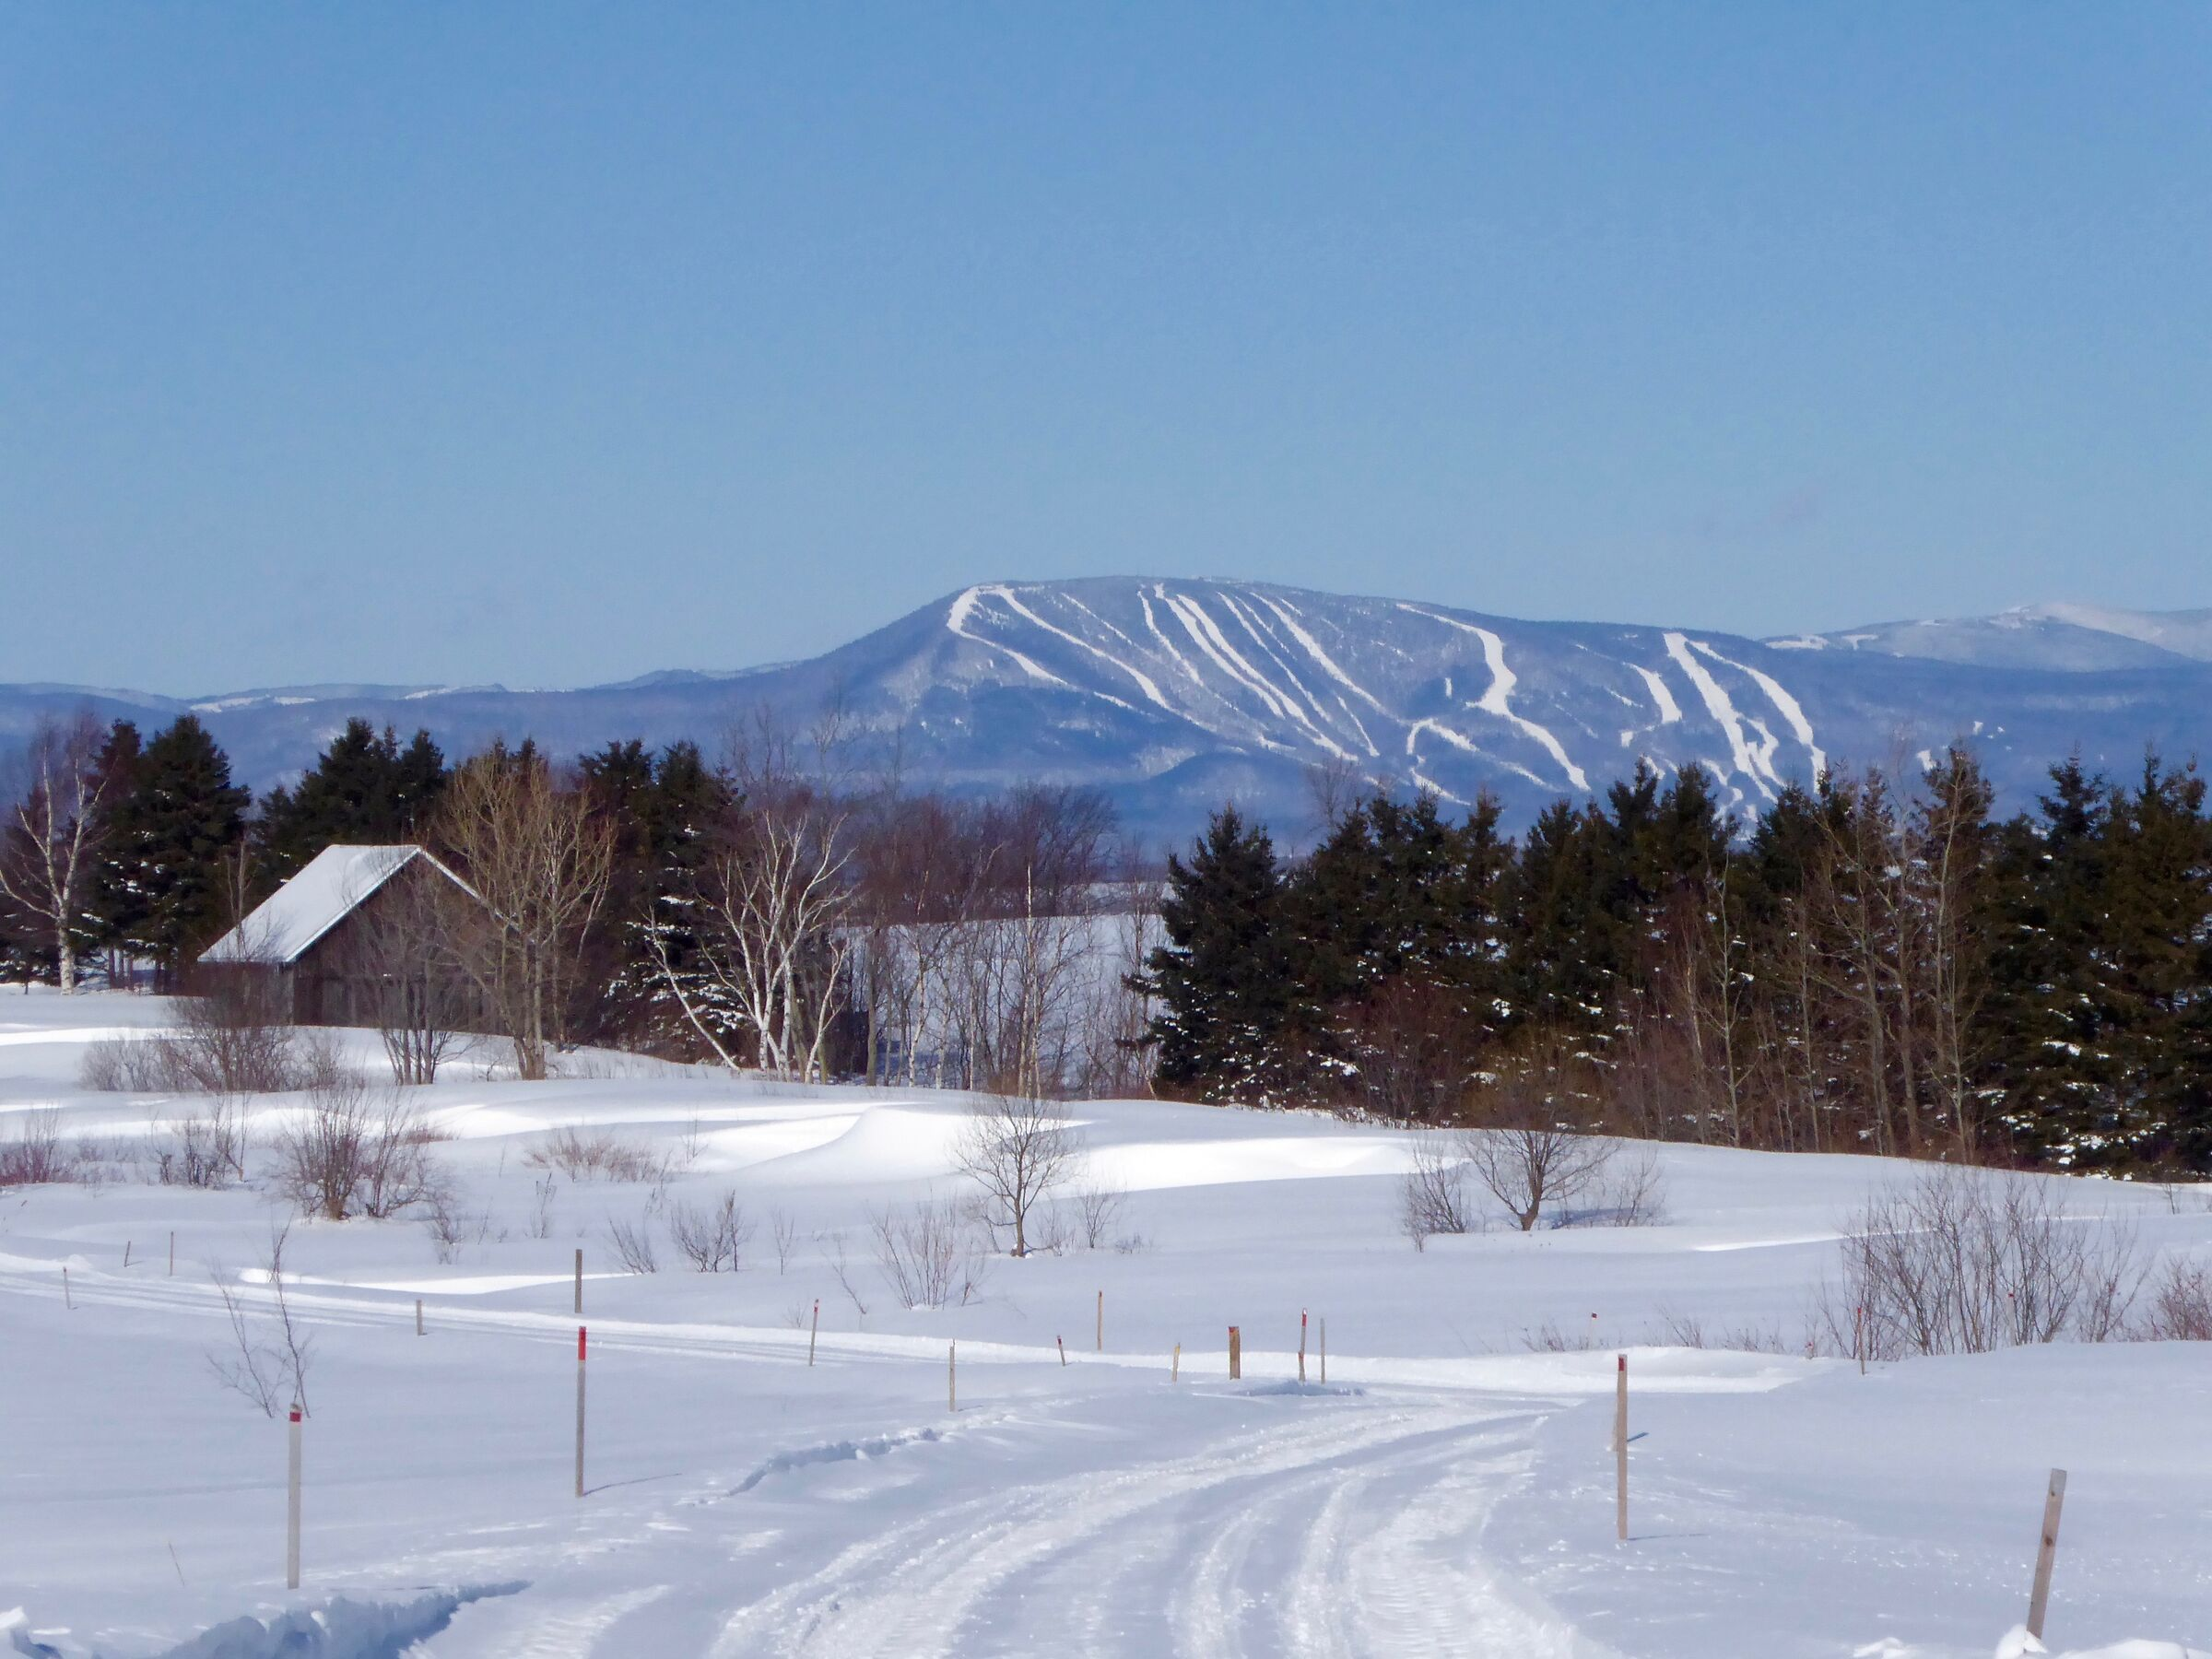 Winter landscape-Mont-St-Anne ''sky'' image background...